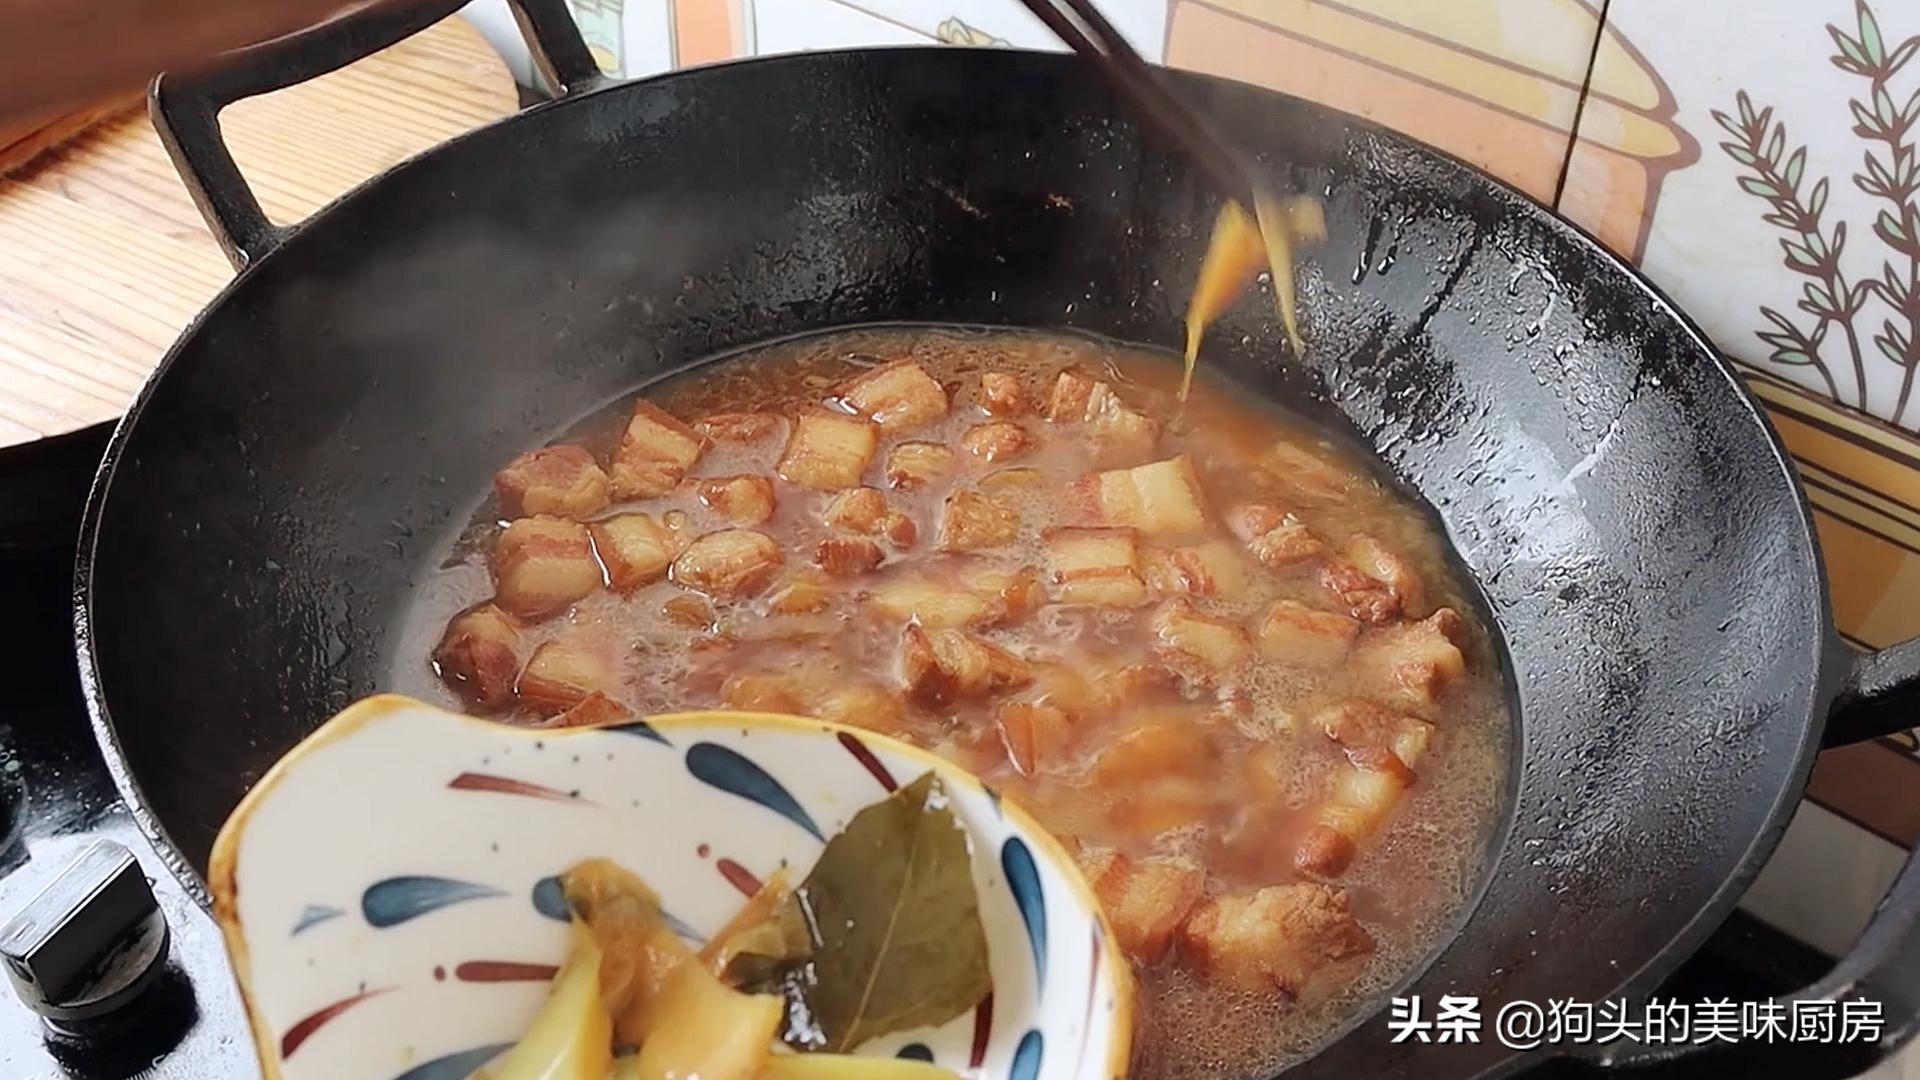 做红烧肉时,掌握这些小技巧,红烧肉不腥不柴,软烂入味口感好 美食做法 第13张